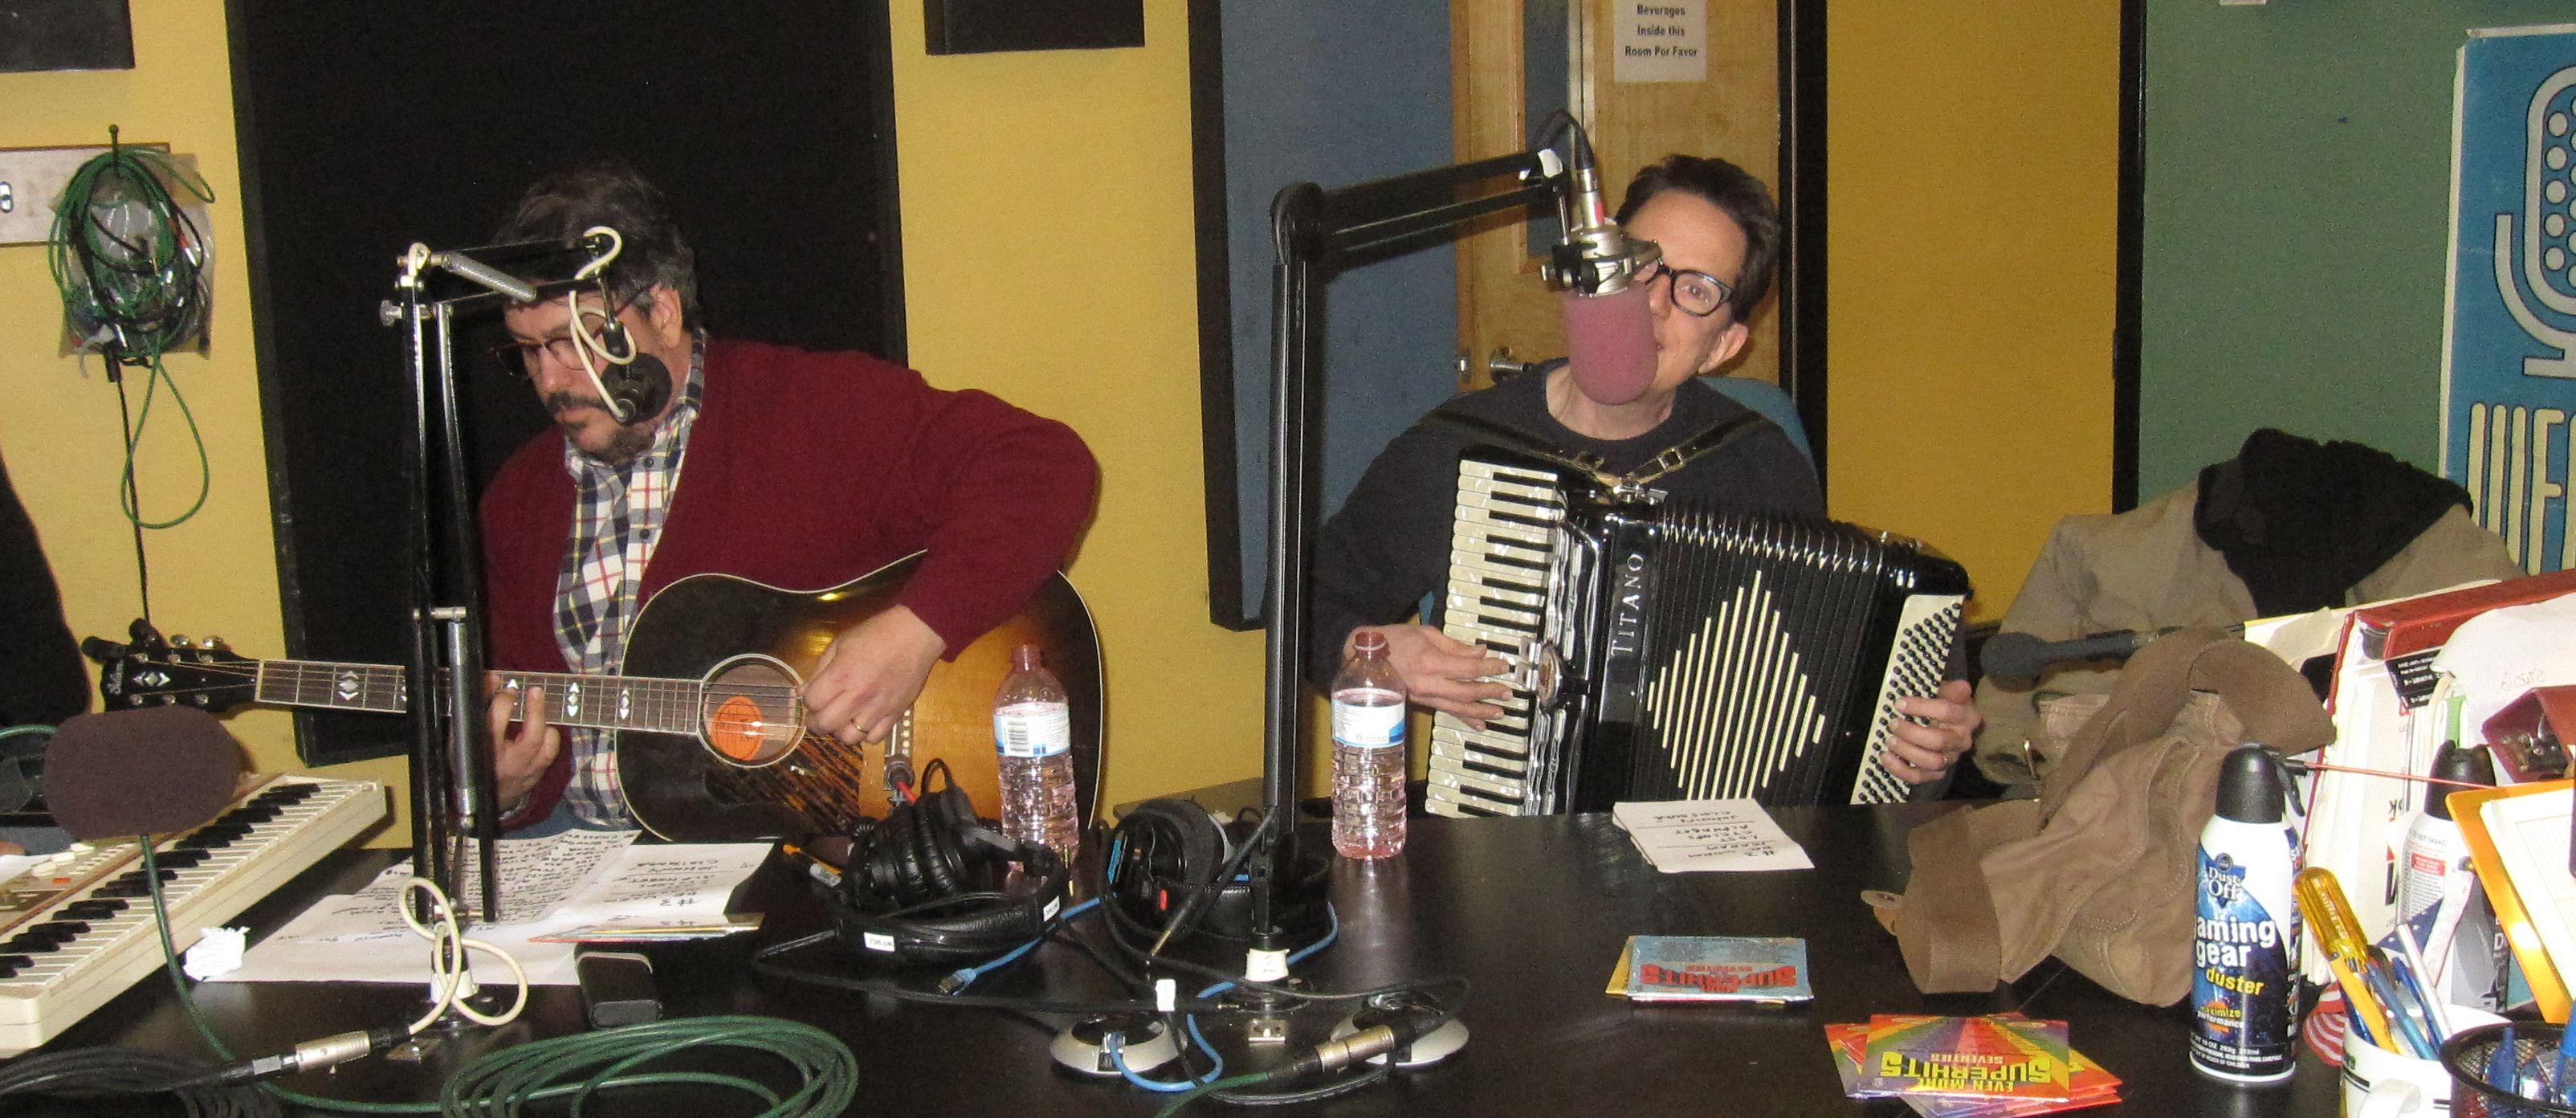 John Linnell, John Flansburgh, Marty Beller of TMBG at WFMU January 10 2015